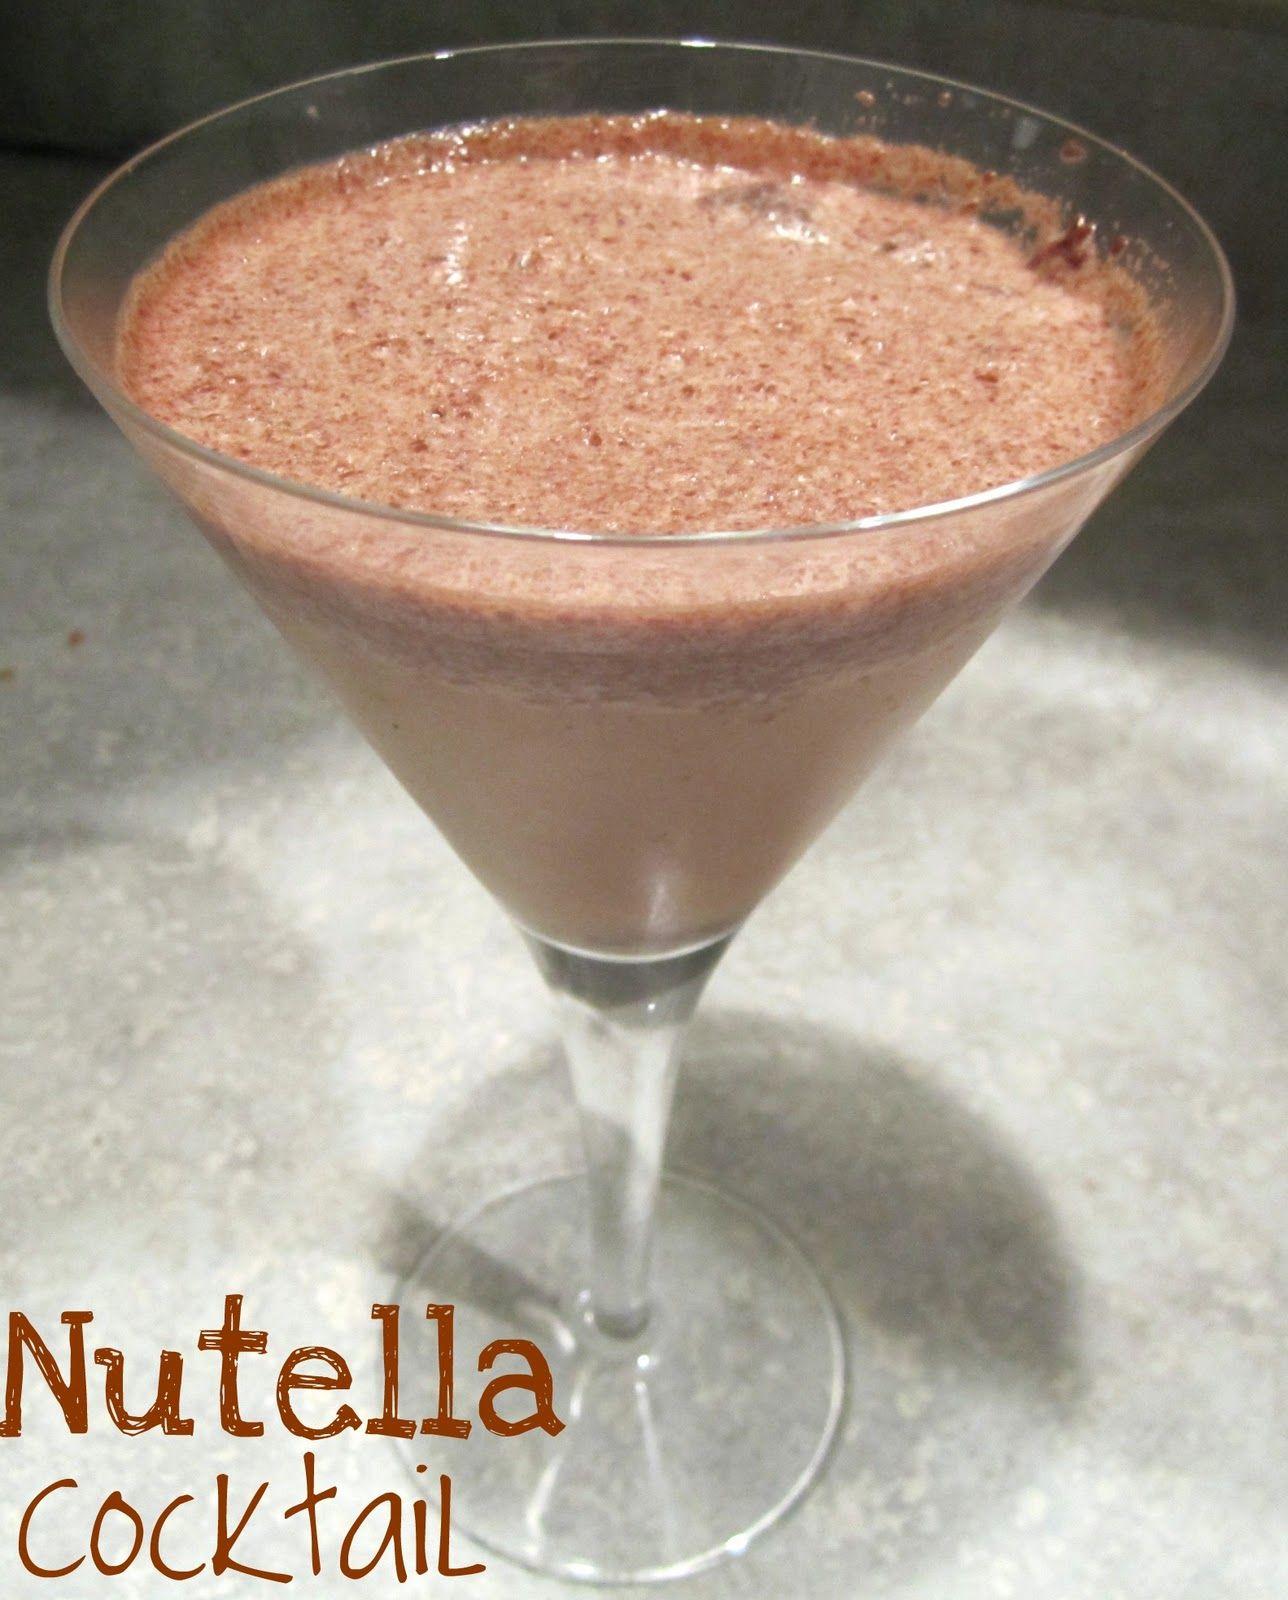 Nutella Cocktail #kahlua or #baileys #vodka #chocolate